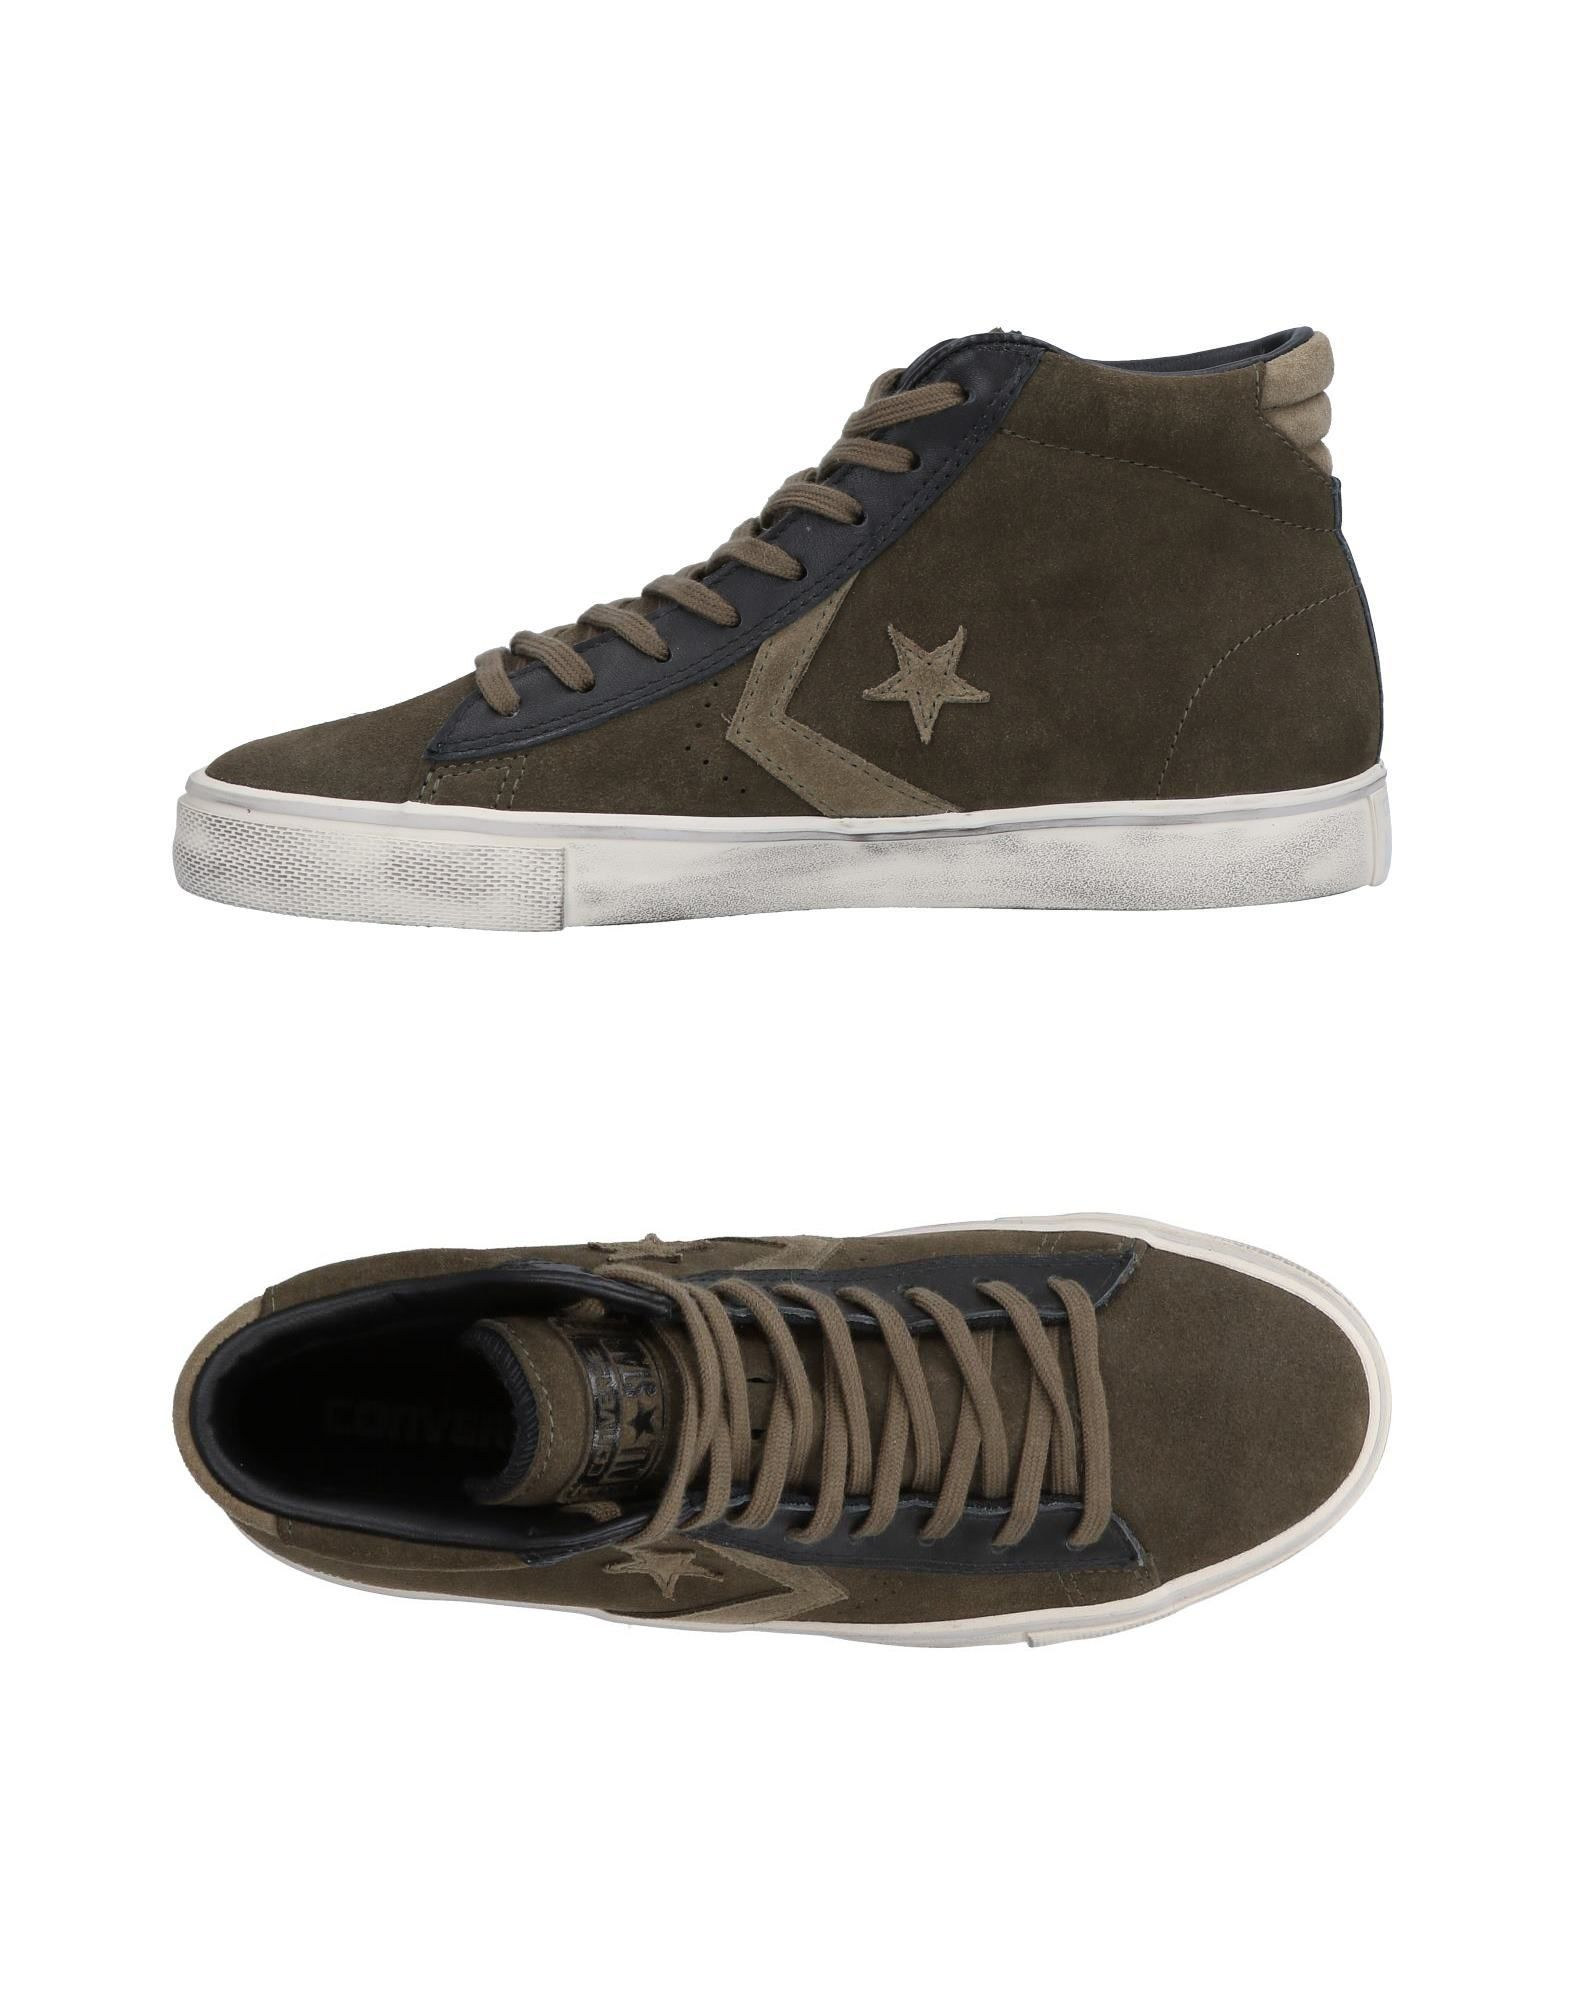 Recortes de precios estacionales, beneficios de Converse descuento Zapatillas Converse de All Star Mujer - Zapatillas Converse All Star  Verde militar bf63ce